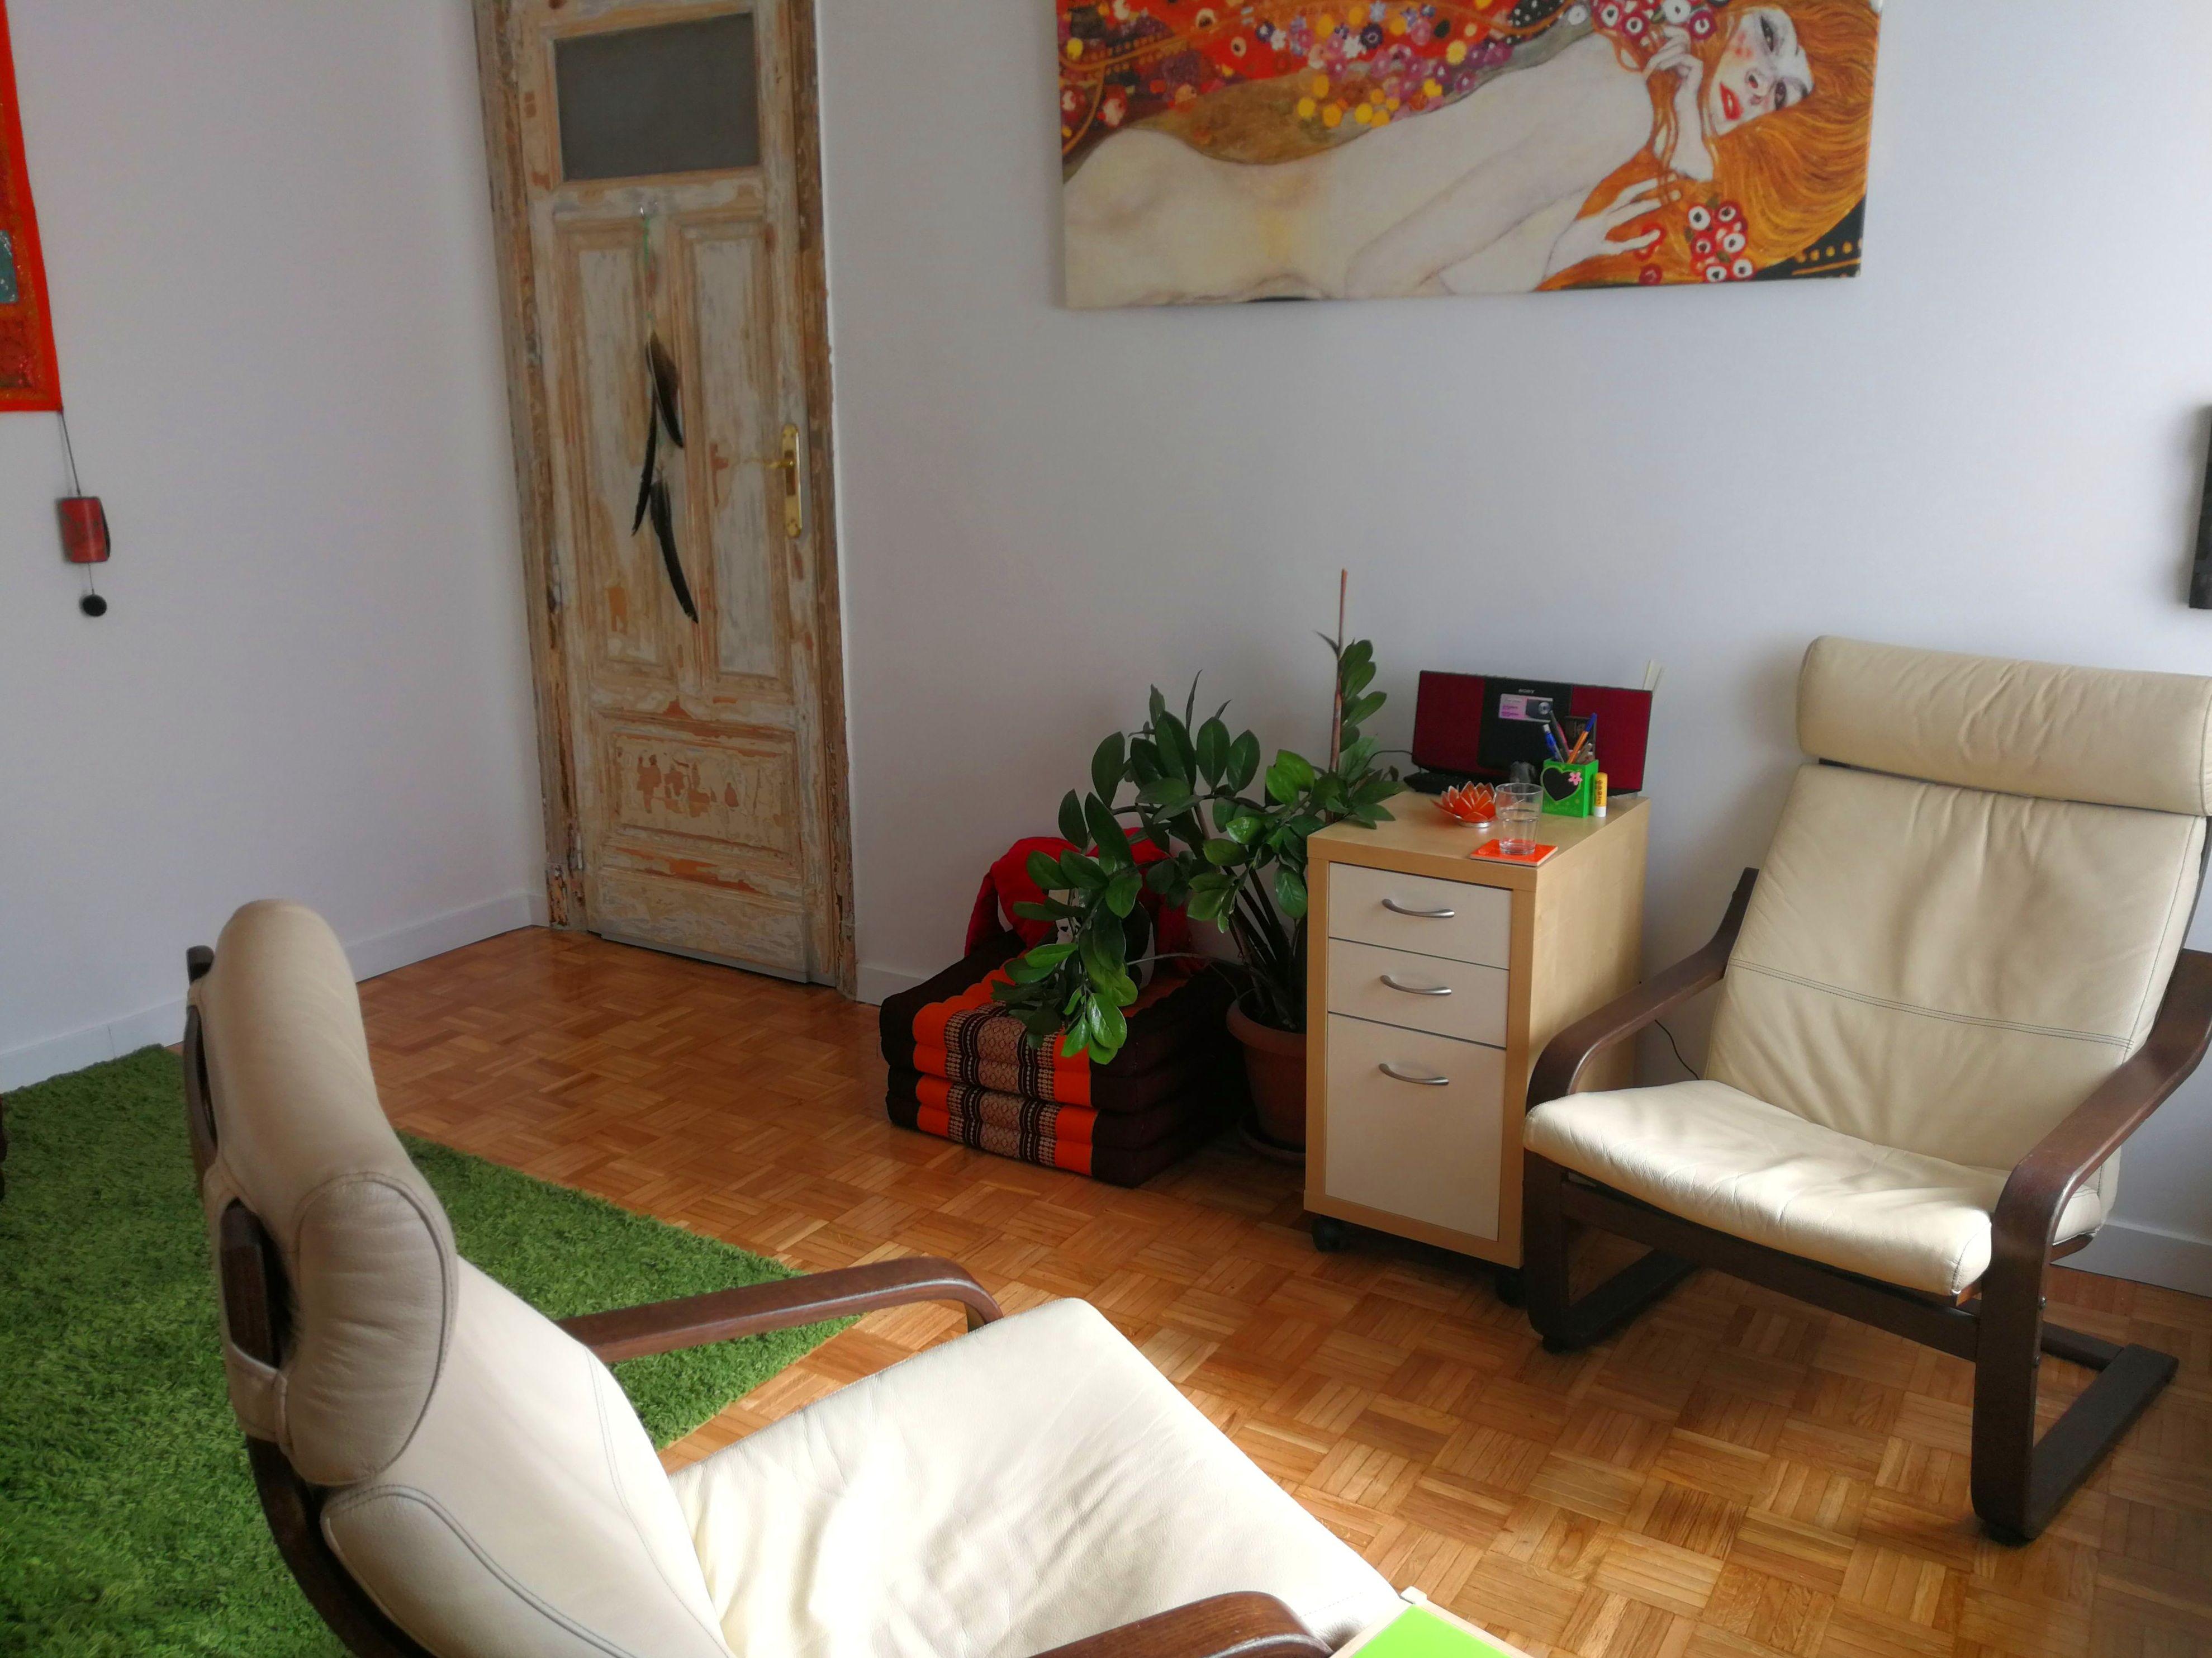 Foto 4 de Terapeuta en Madrid | Terapia Gestalt Integrativa